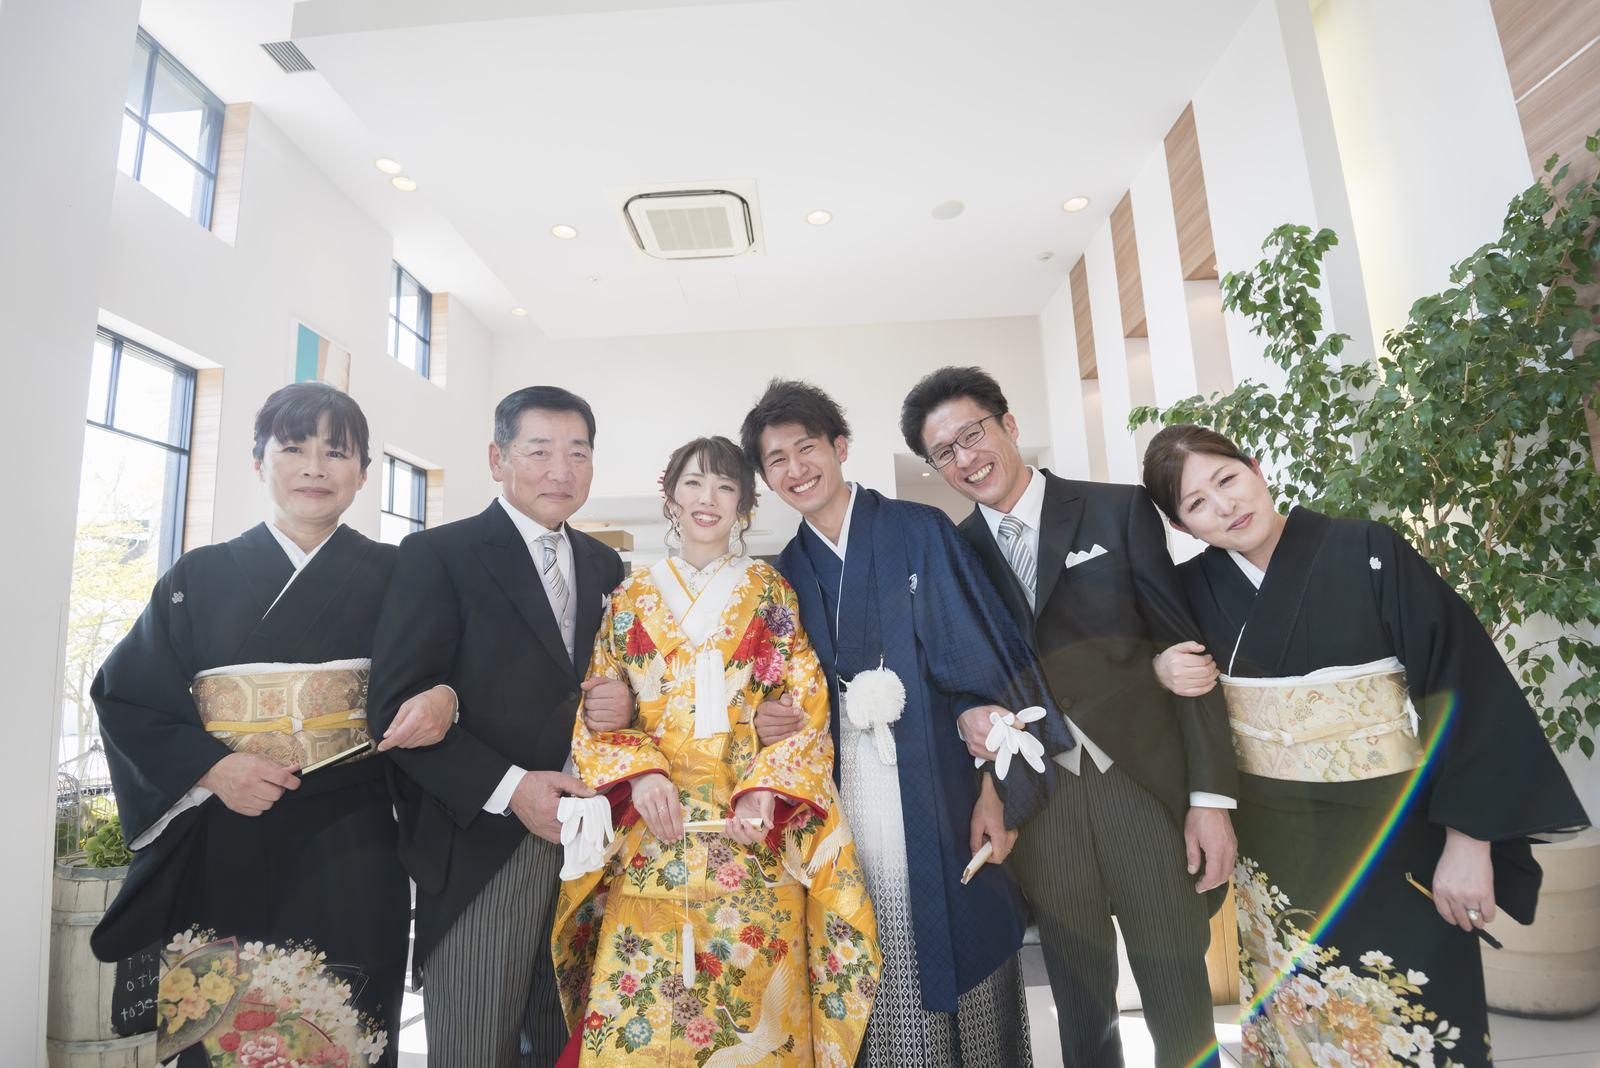 香川県の結婚式場シェルエメール&アイスタイル 両家